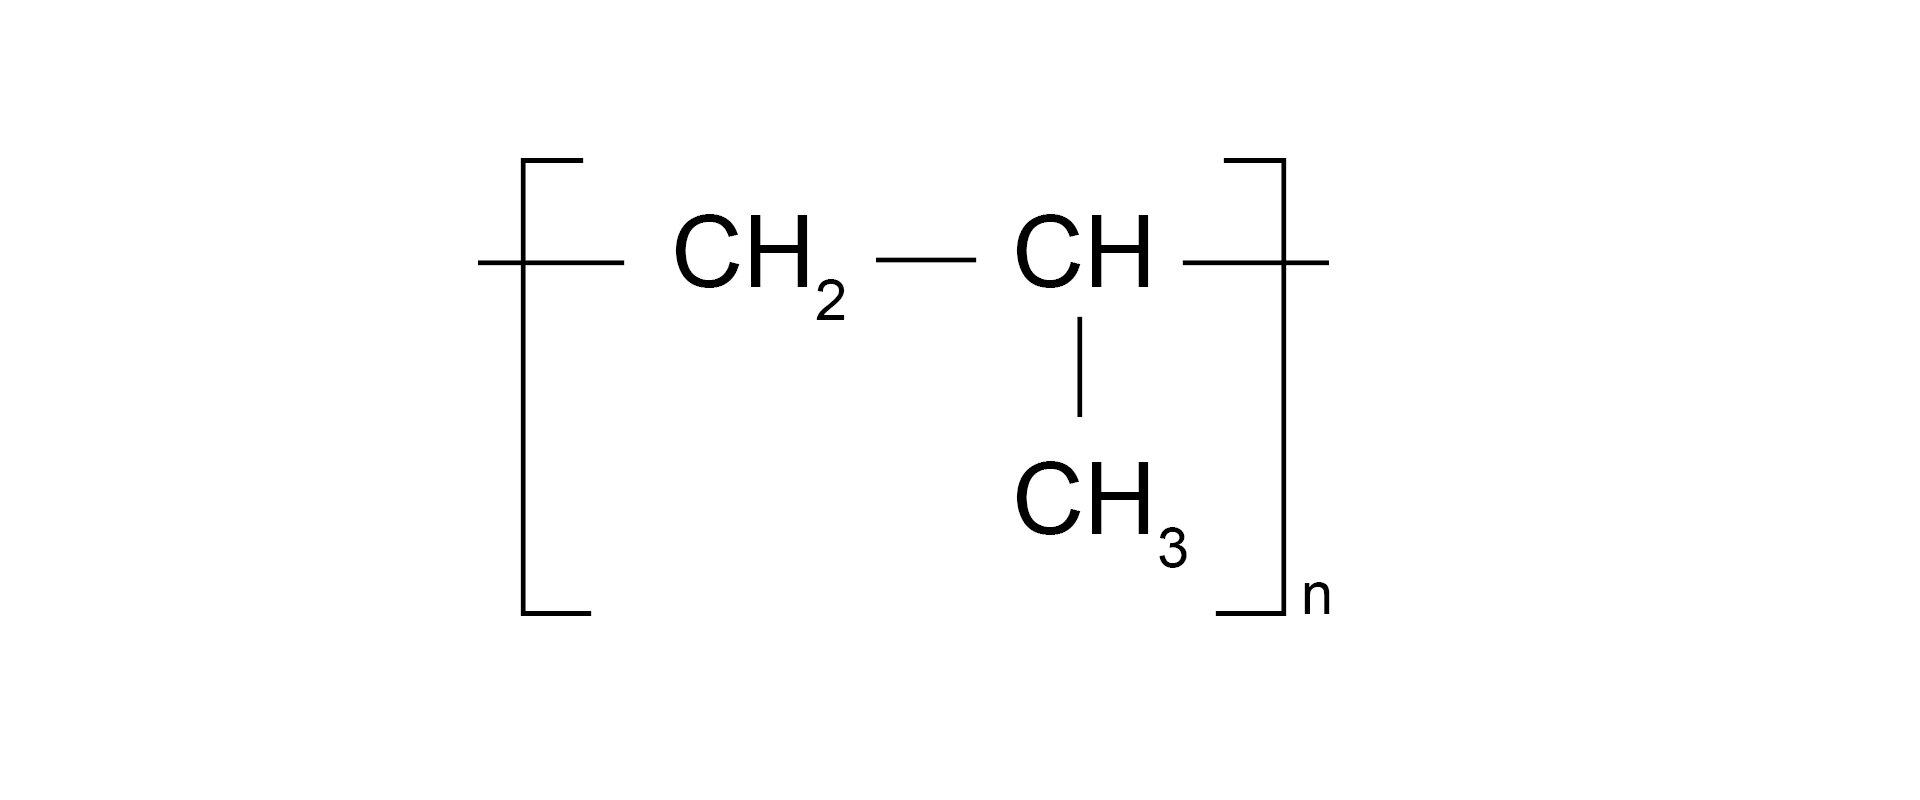 Ilustracja pokazuje wzór sumaryczny polipropylenu.